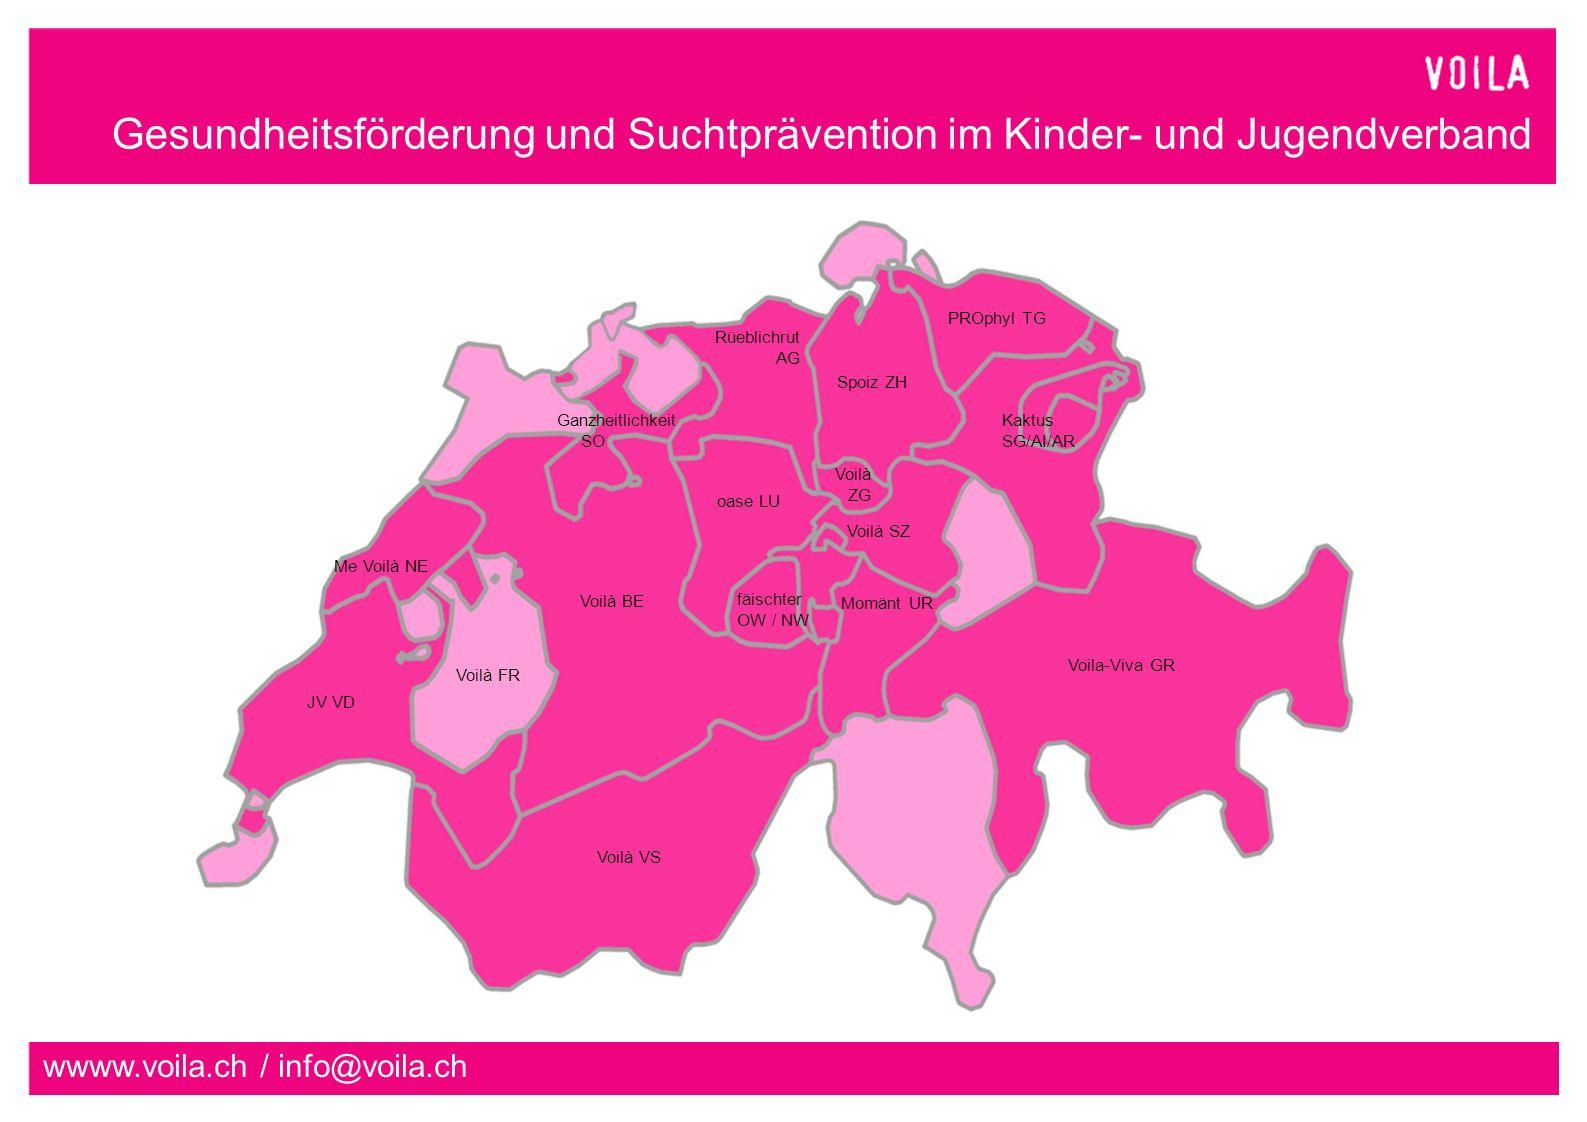 Gesundheitsförderung und Suchtprävention im Kinder- und Jugendverband wwww.voila.ch / info@voila.ch Project implementation 4) Camp supervision 5) Evaluation